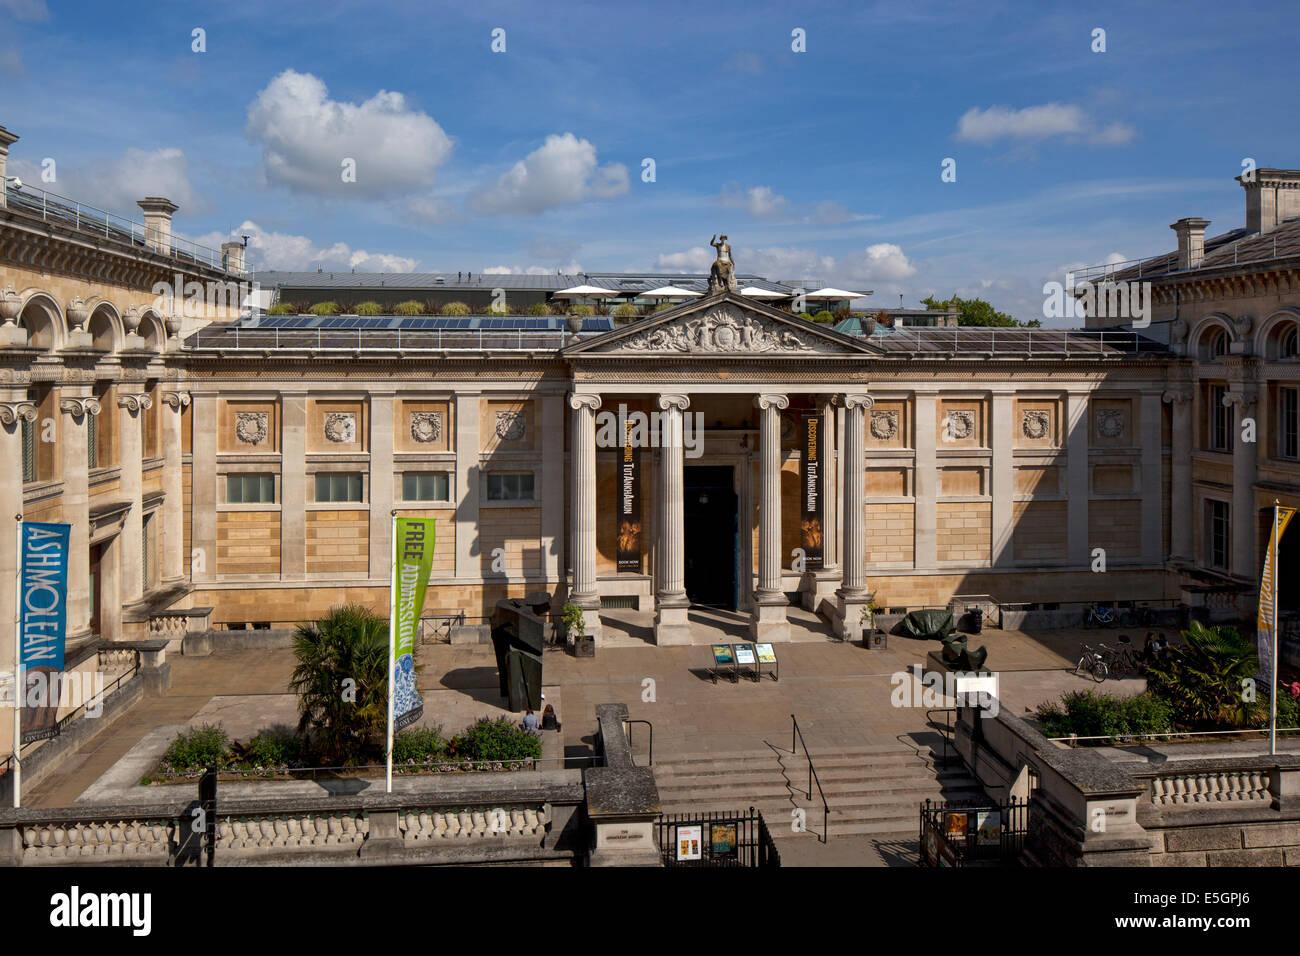 Hauptfassade und Eintritt in das Ashmolean Museum Oxford England Stockbild